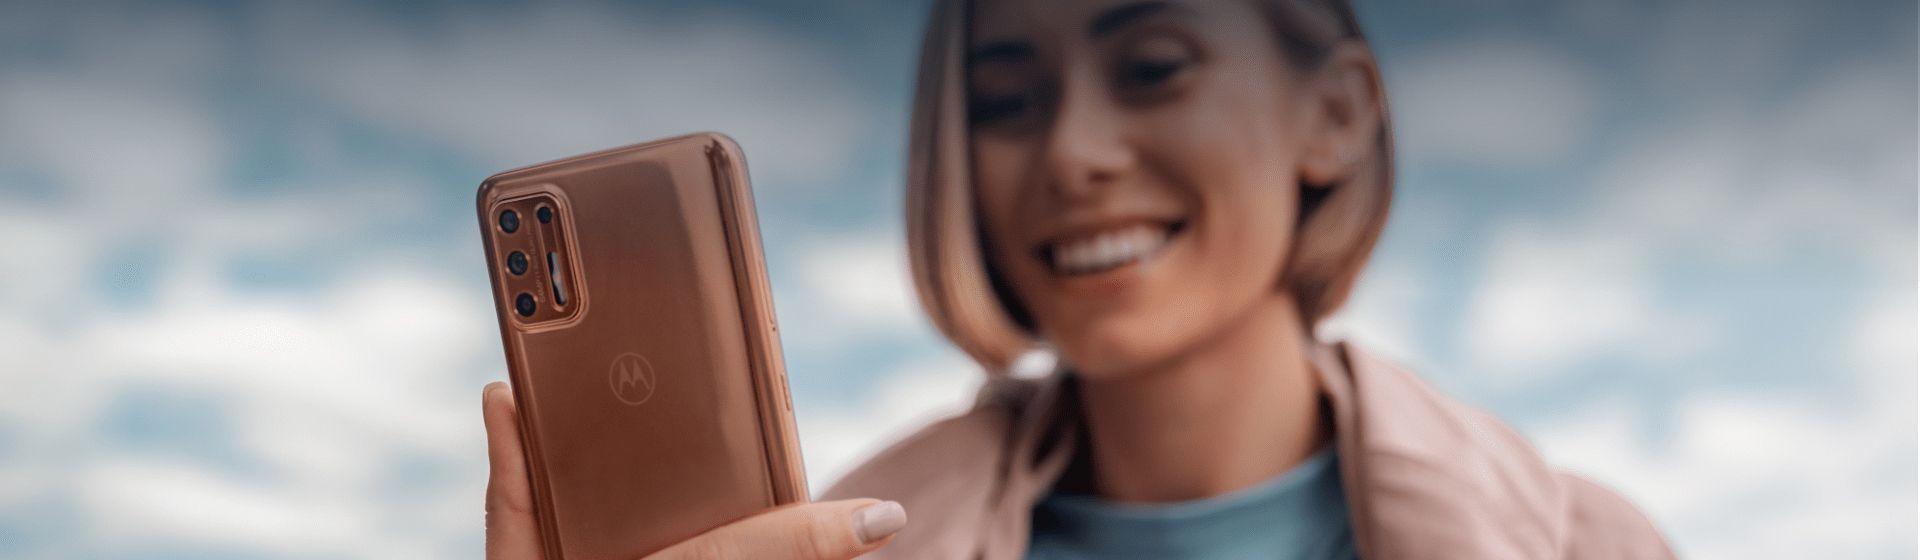 Moto G9 Plus x Moto G8 Plus: o que muda no novo celular da Motorola?